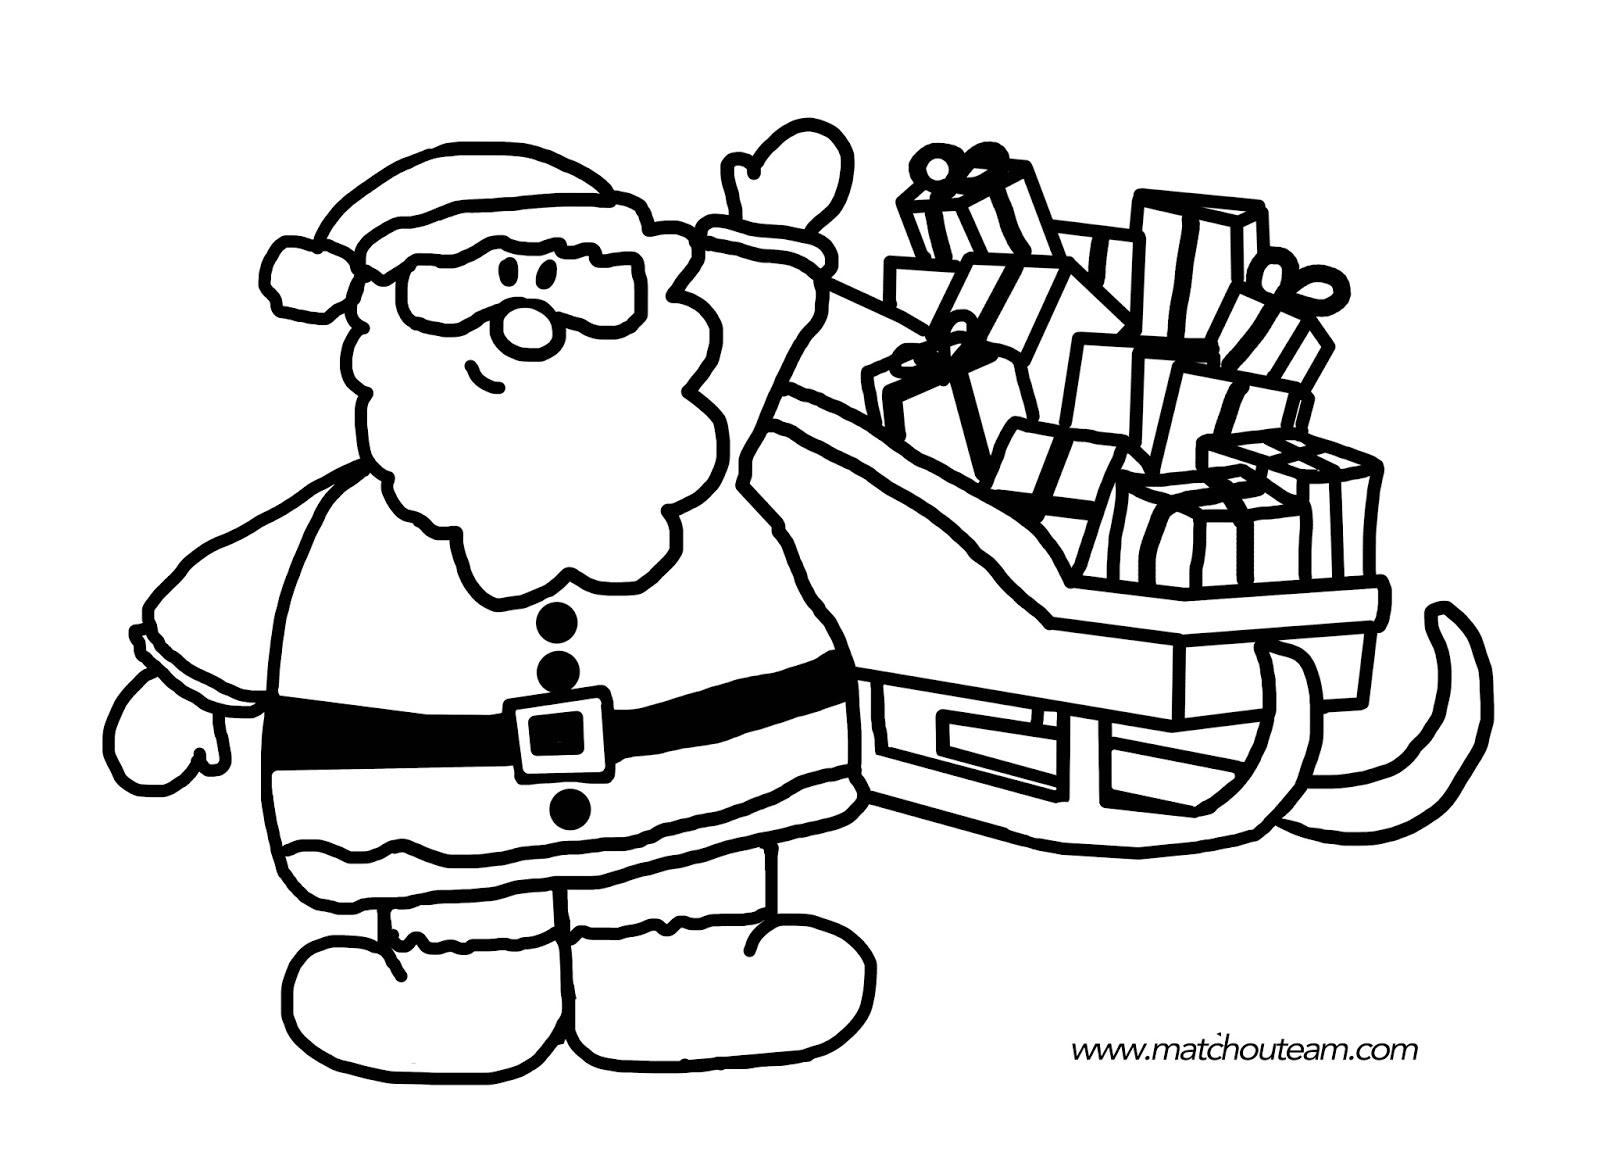 Exceptionnel Ma Tchou team: Coloriages et jeux pour Noël IU73